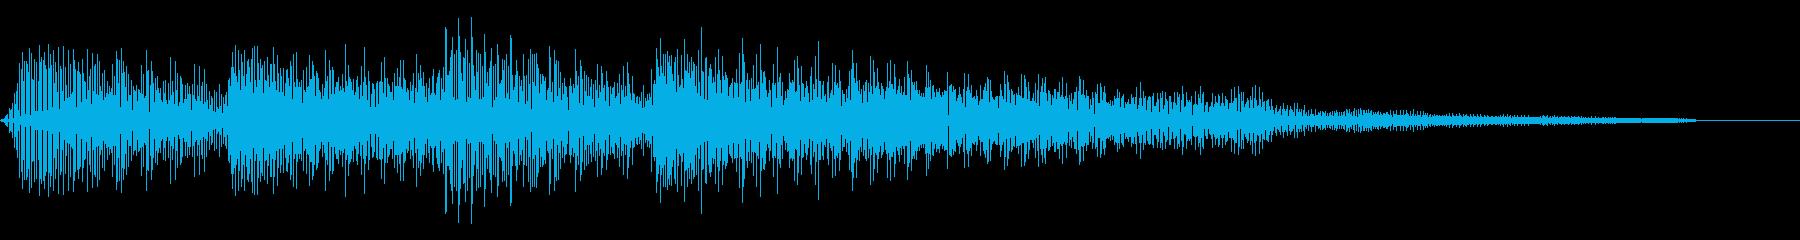 コミカルなゲームオーバー ミス 8bitの再生済みの波形